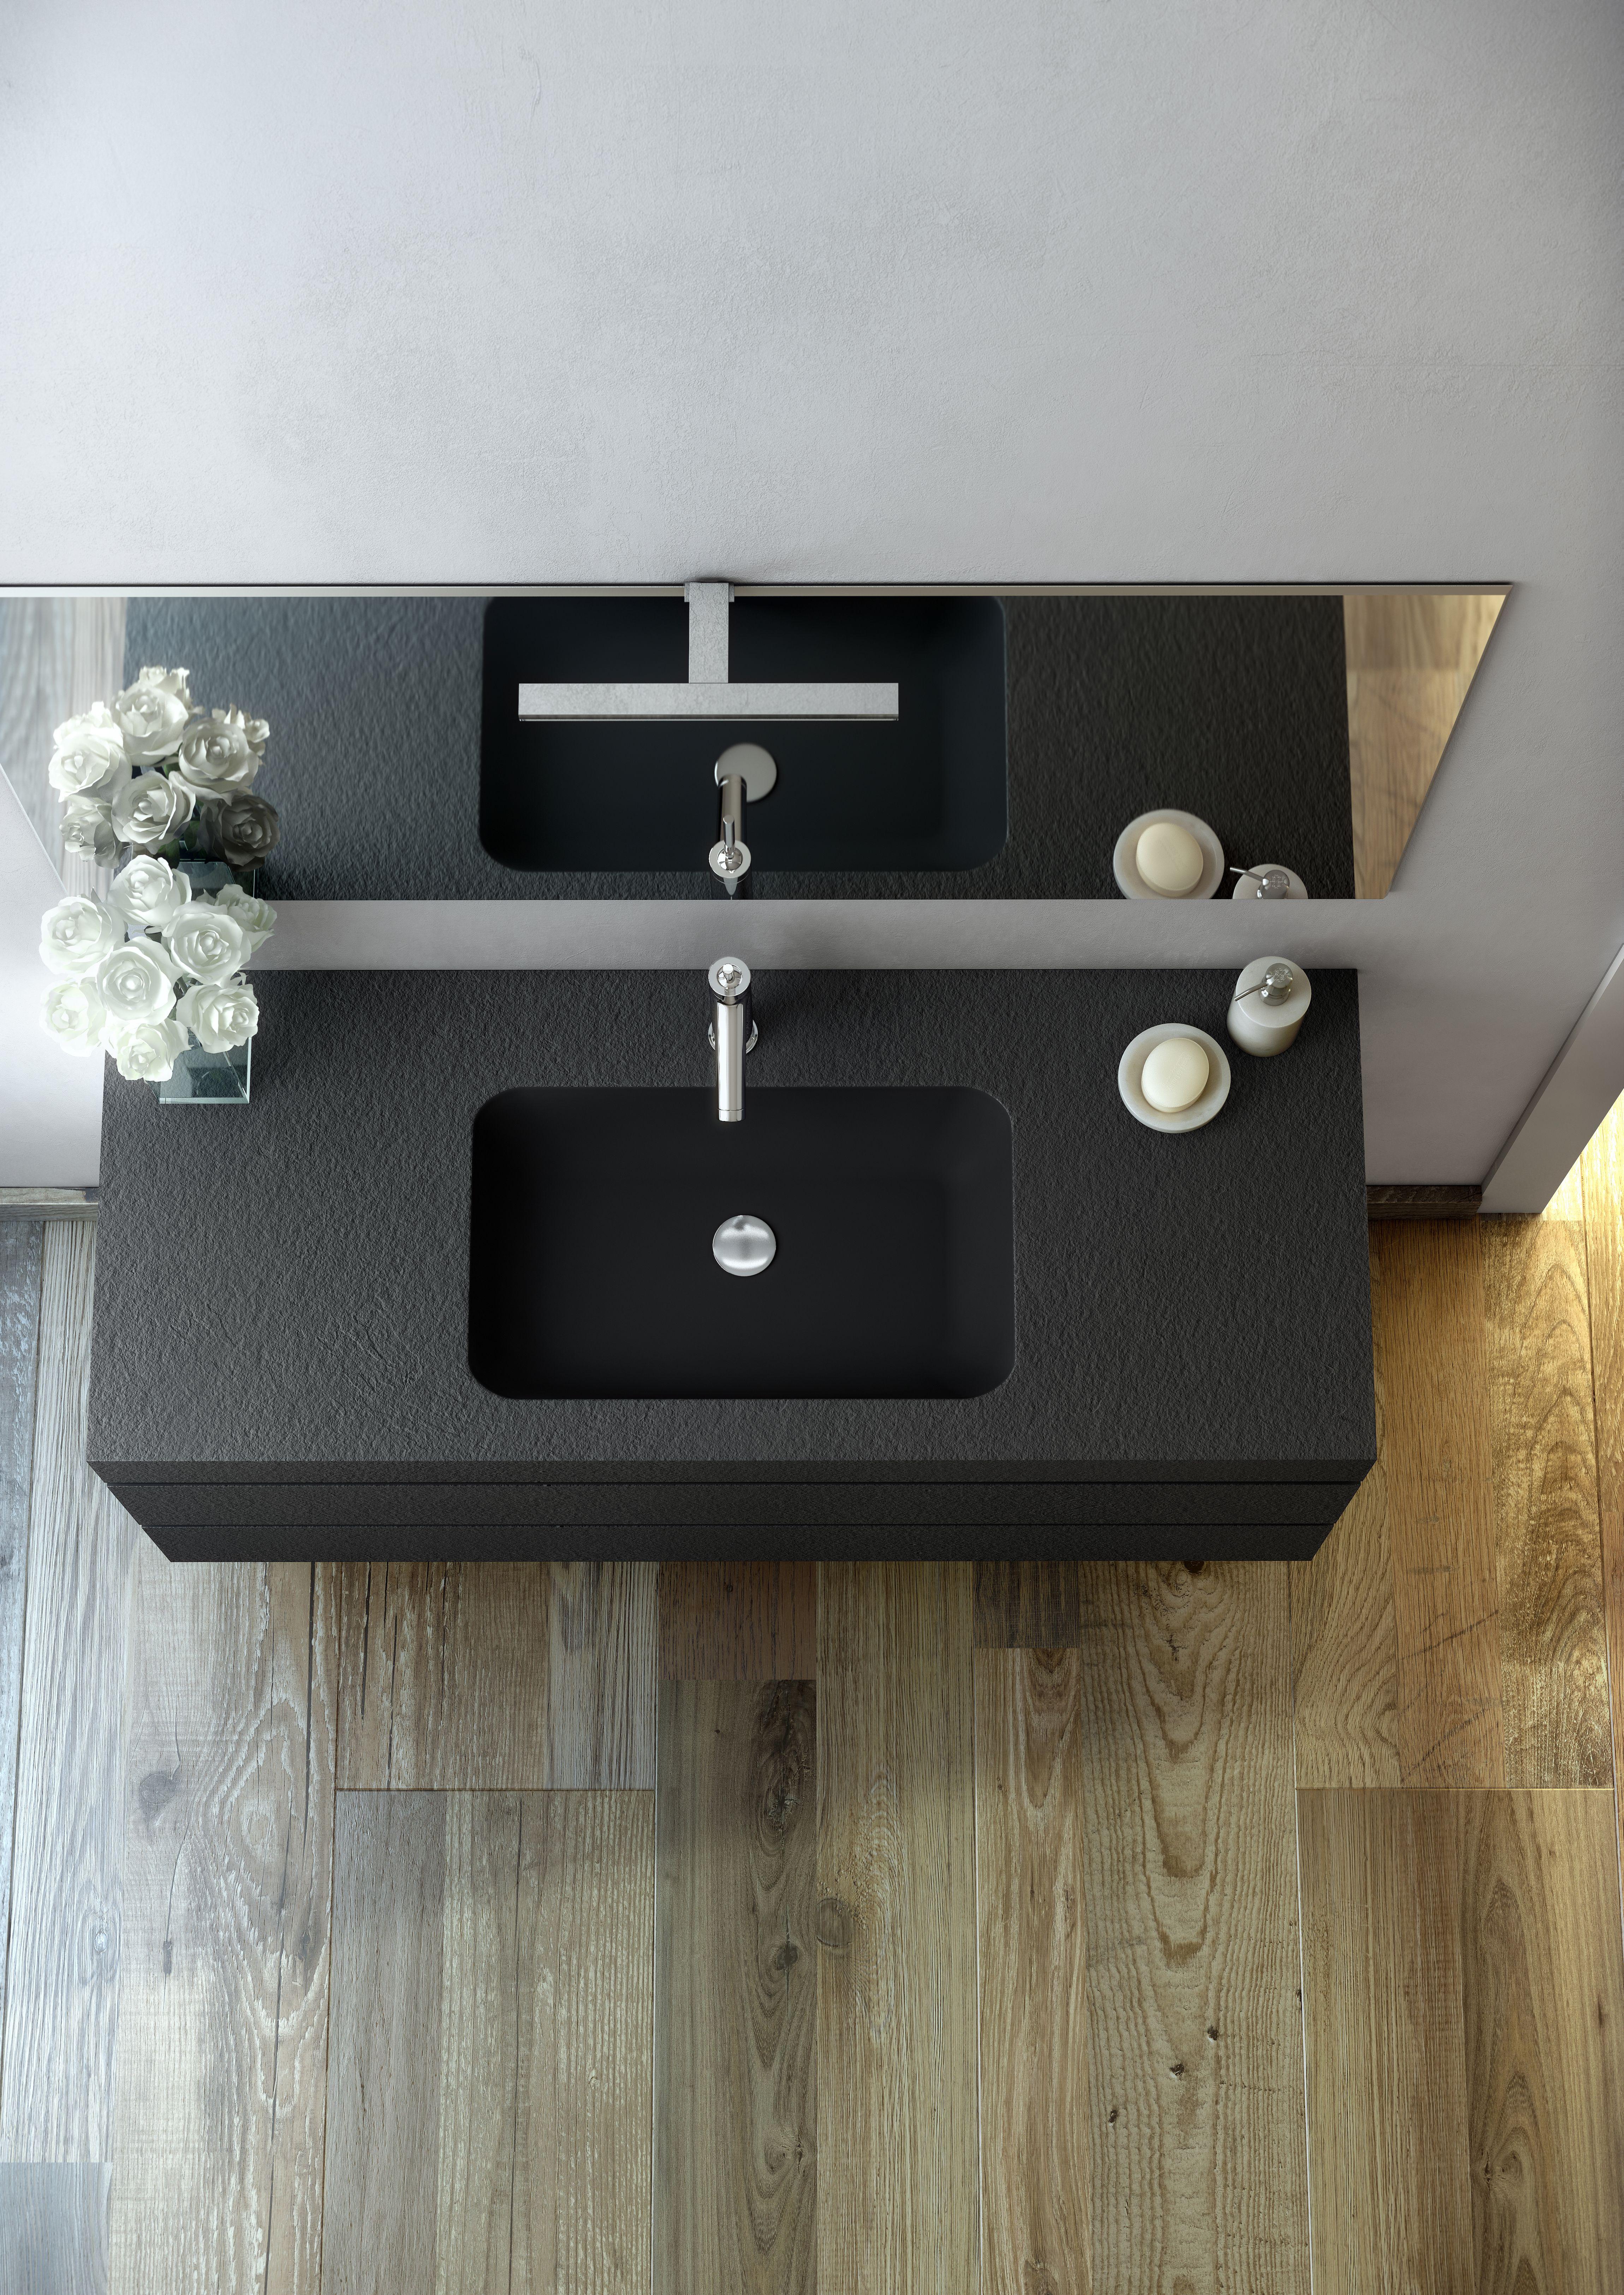 Mobili da bagno con lavabo integrato resistente agli urti - Mobili da bagno con lavabo ...